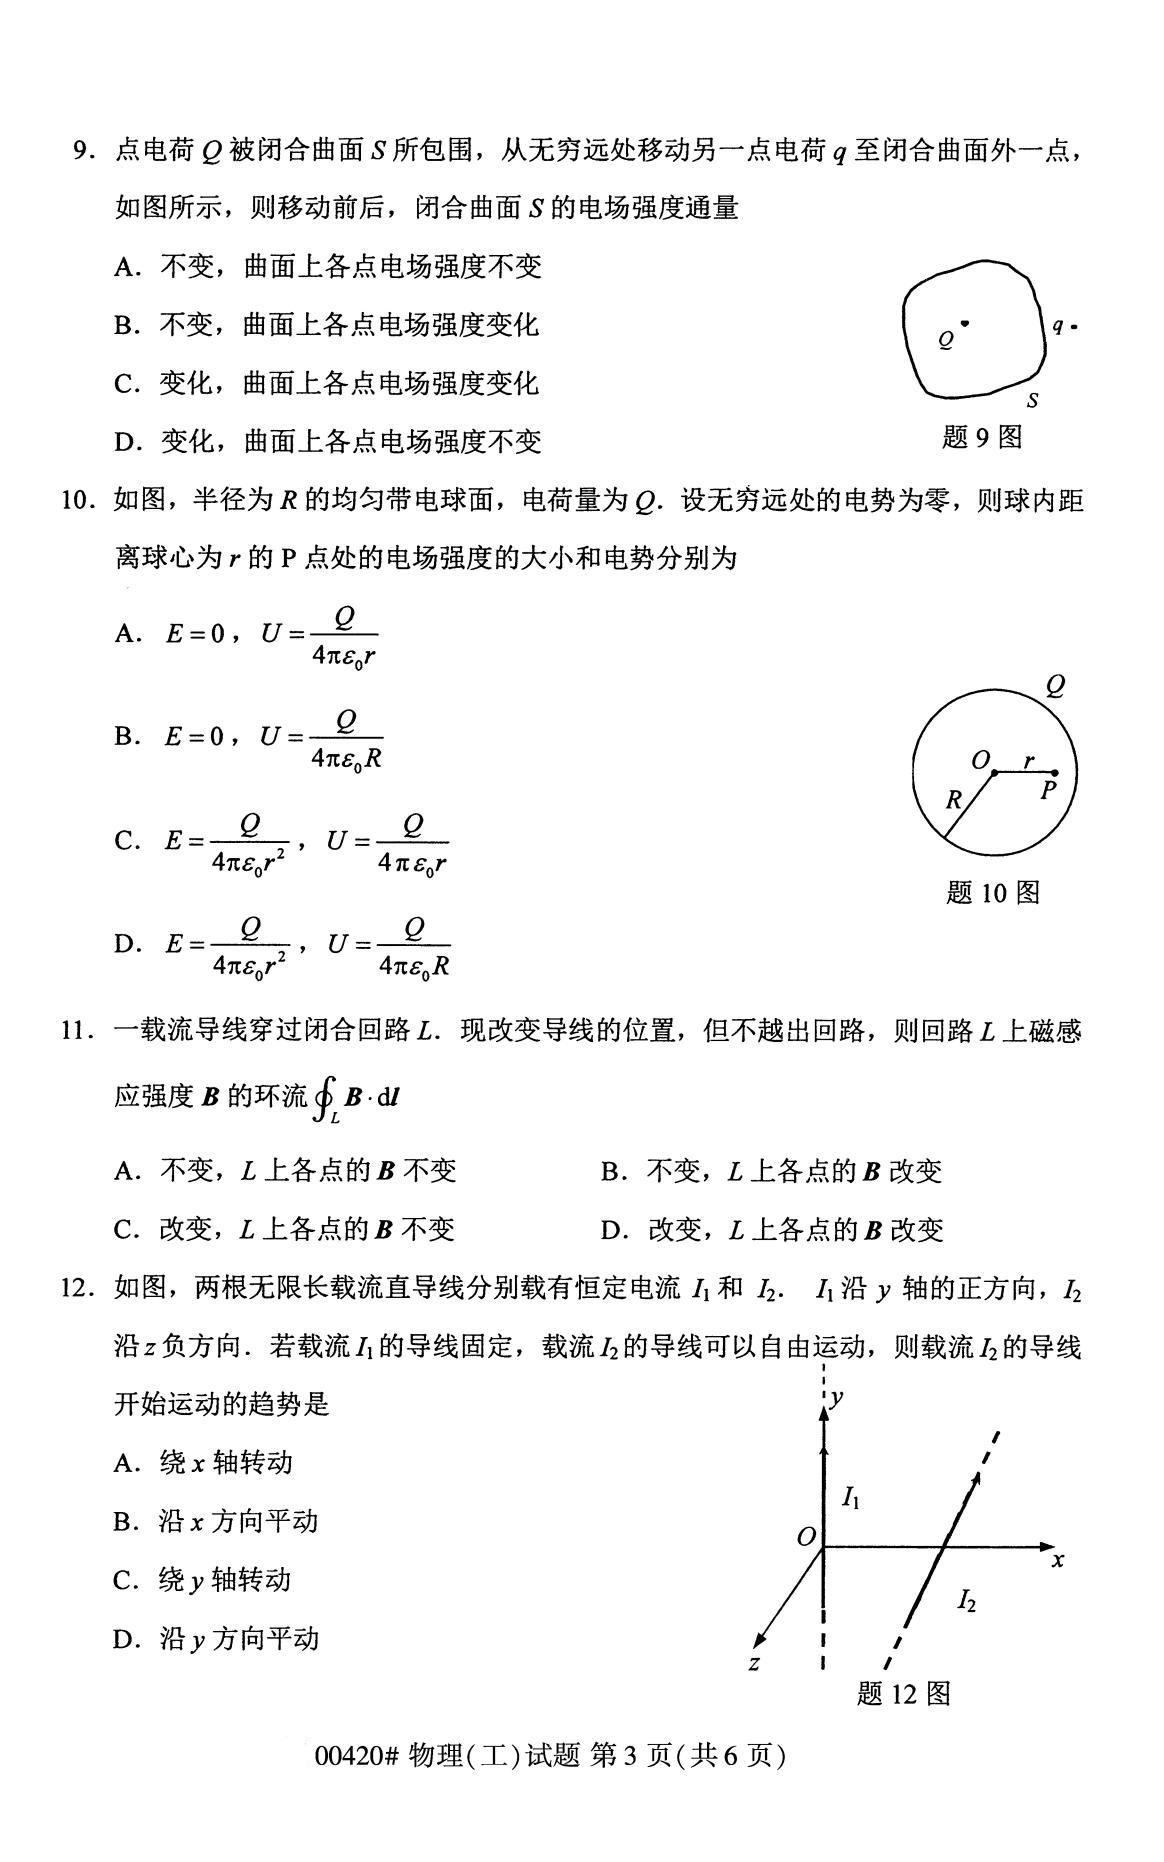 服务营销管理试题_2020年8月全国自考本科物理(工)(00420)试题-上海自考服务网